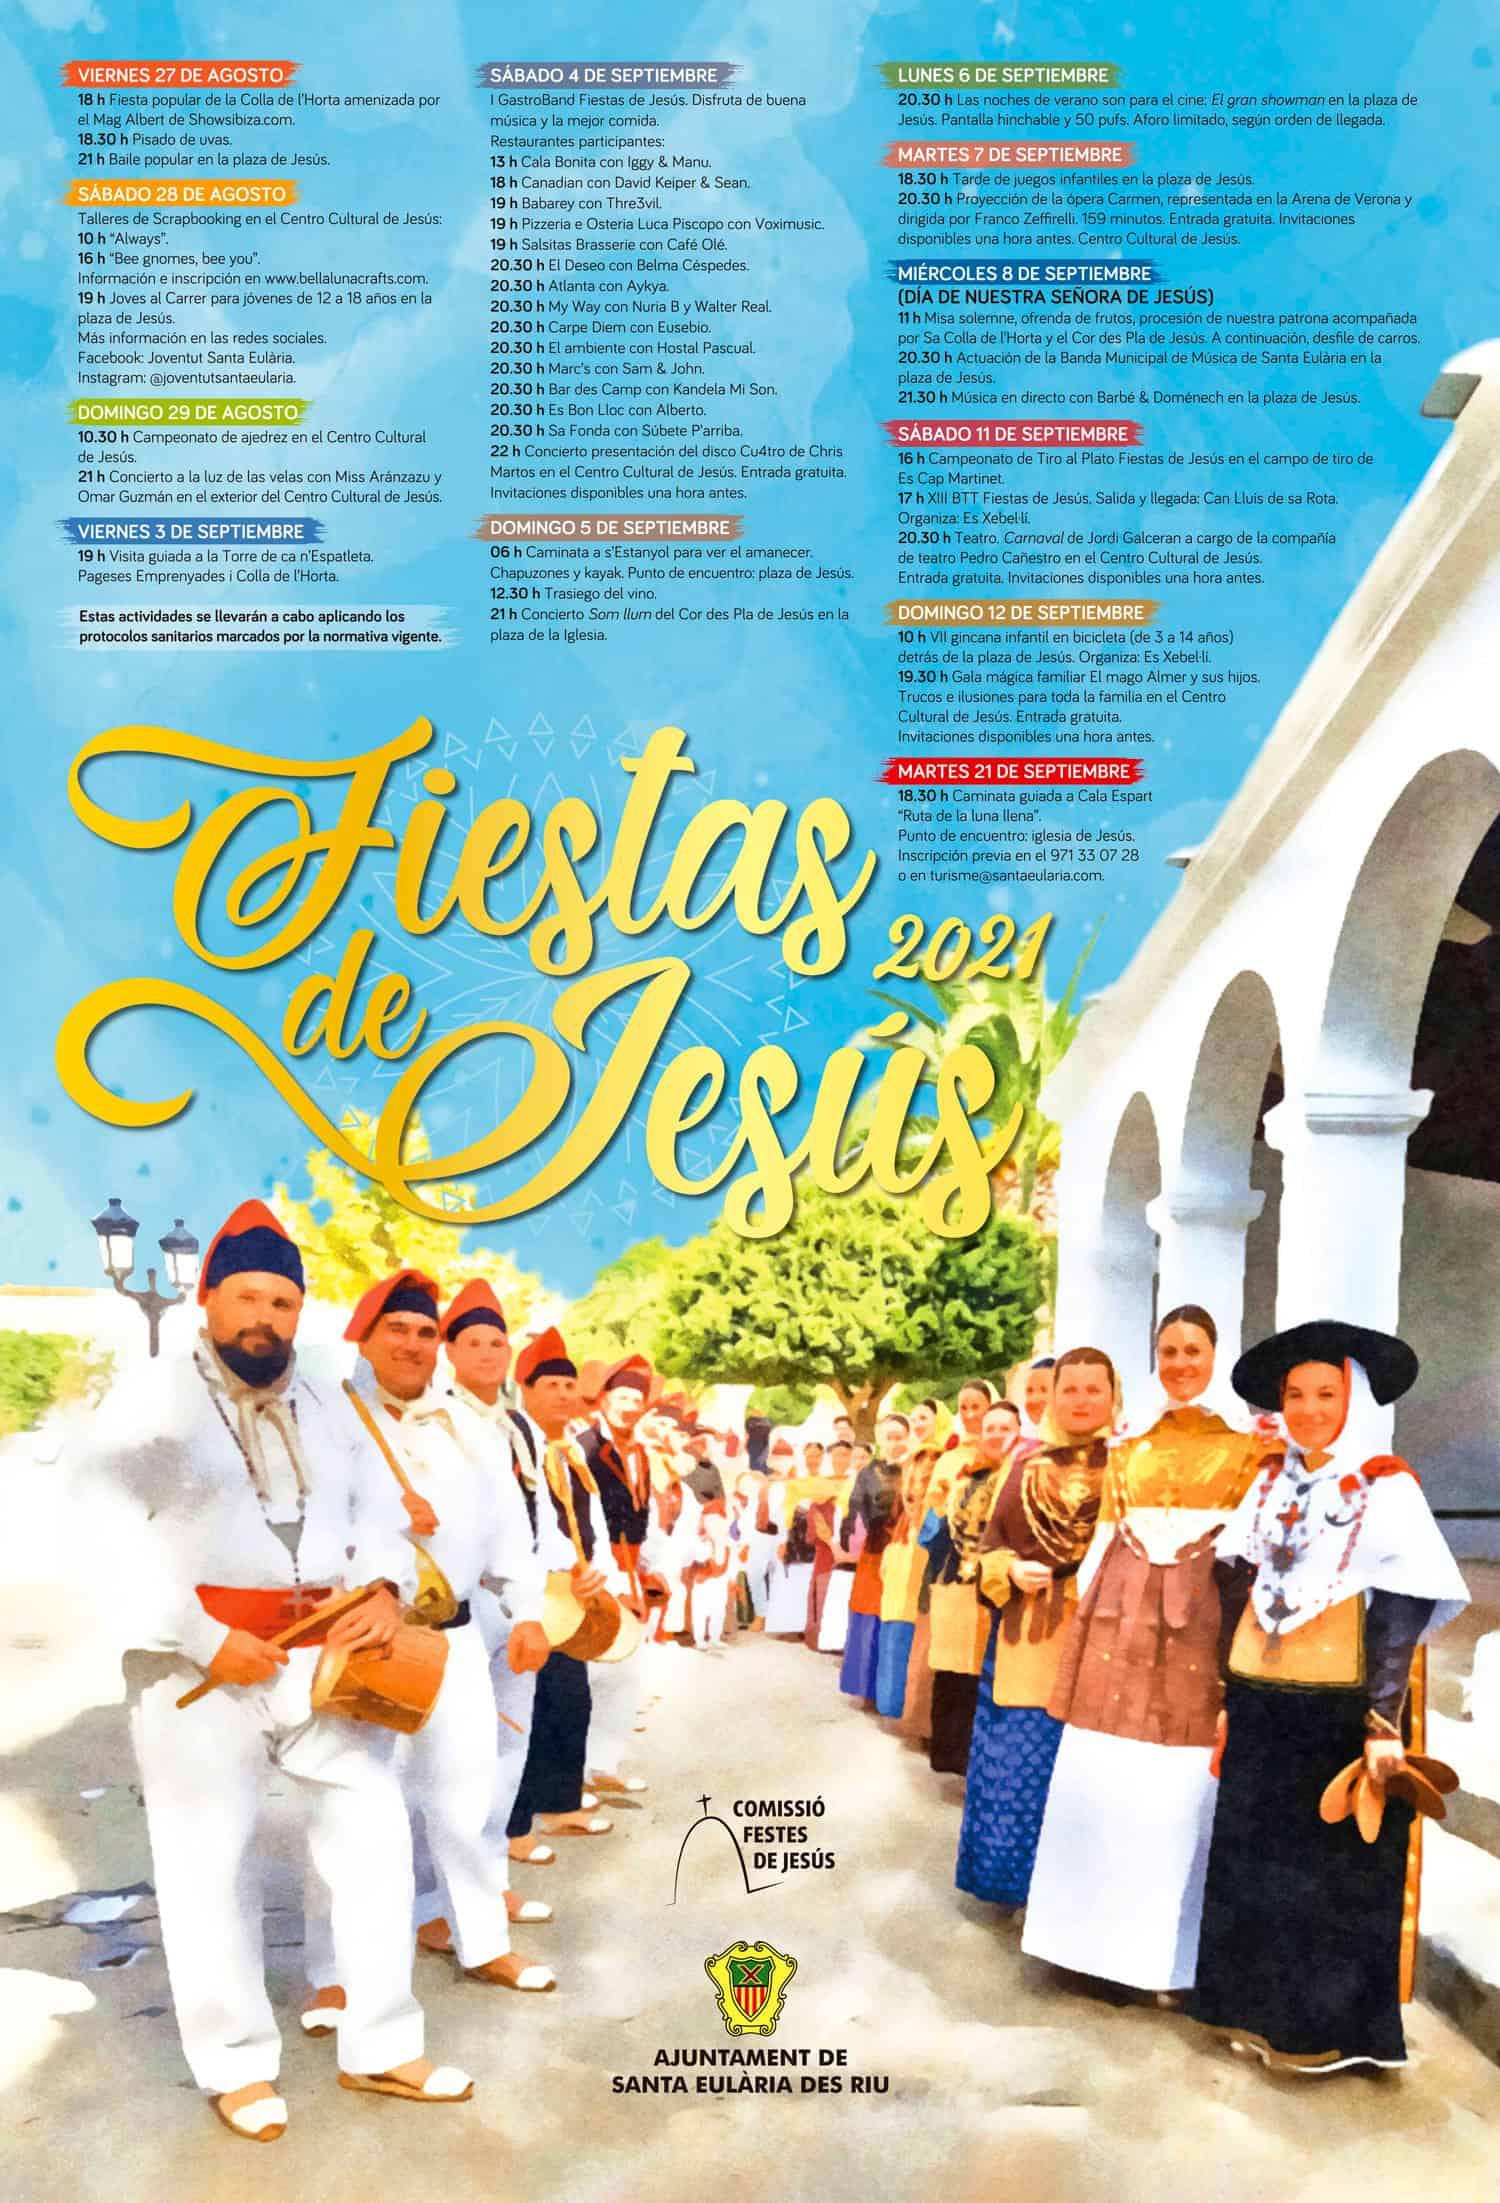 programma-van-festivals-van-jezus-2021-ibiza-welcometoibiza